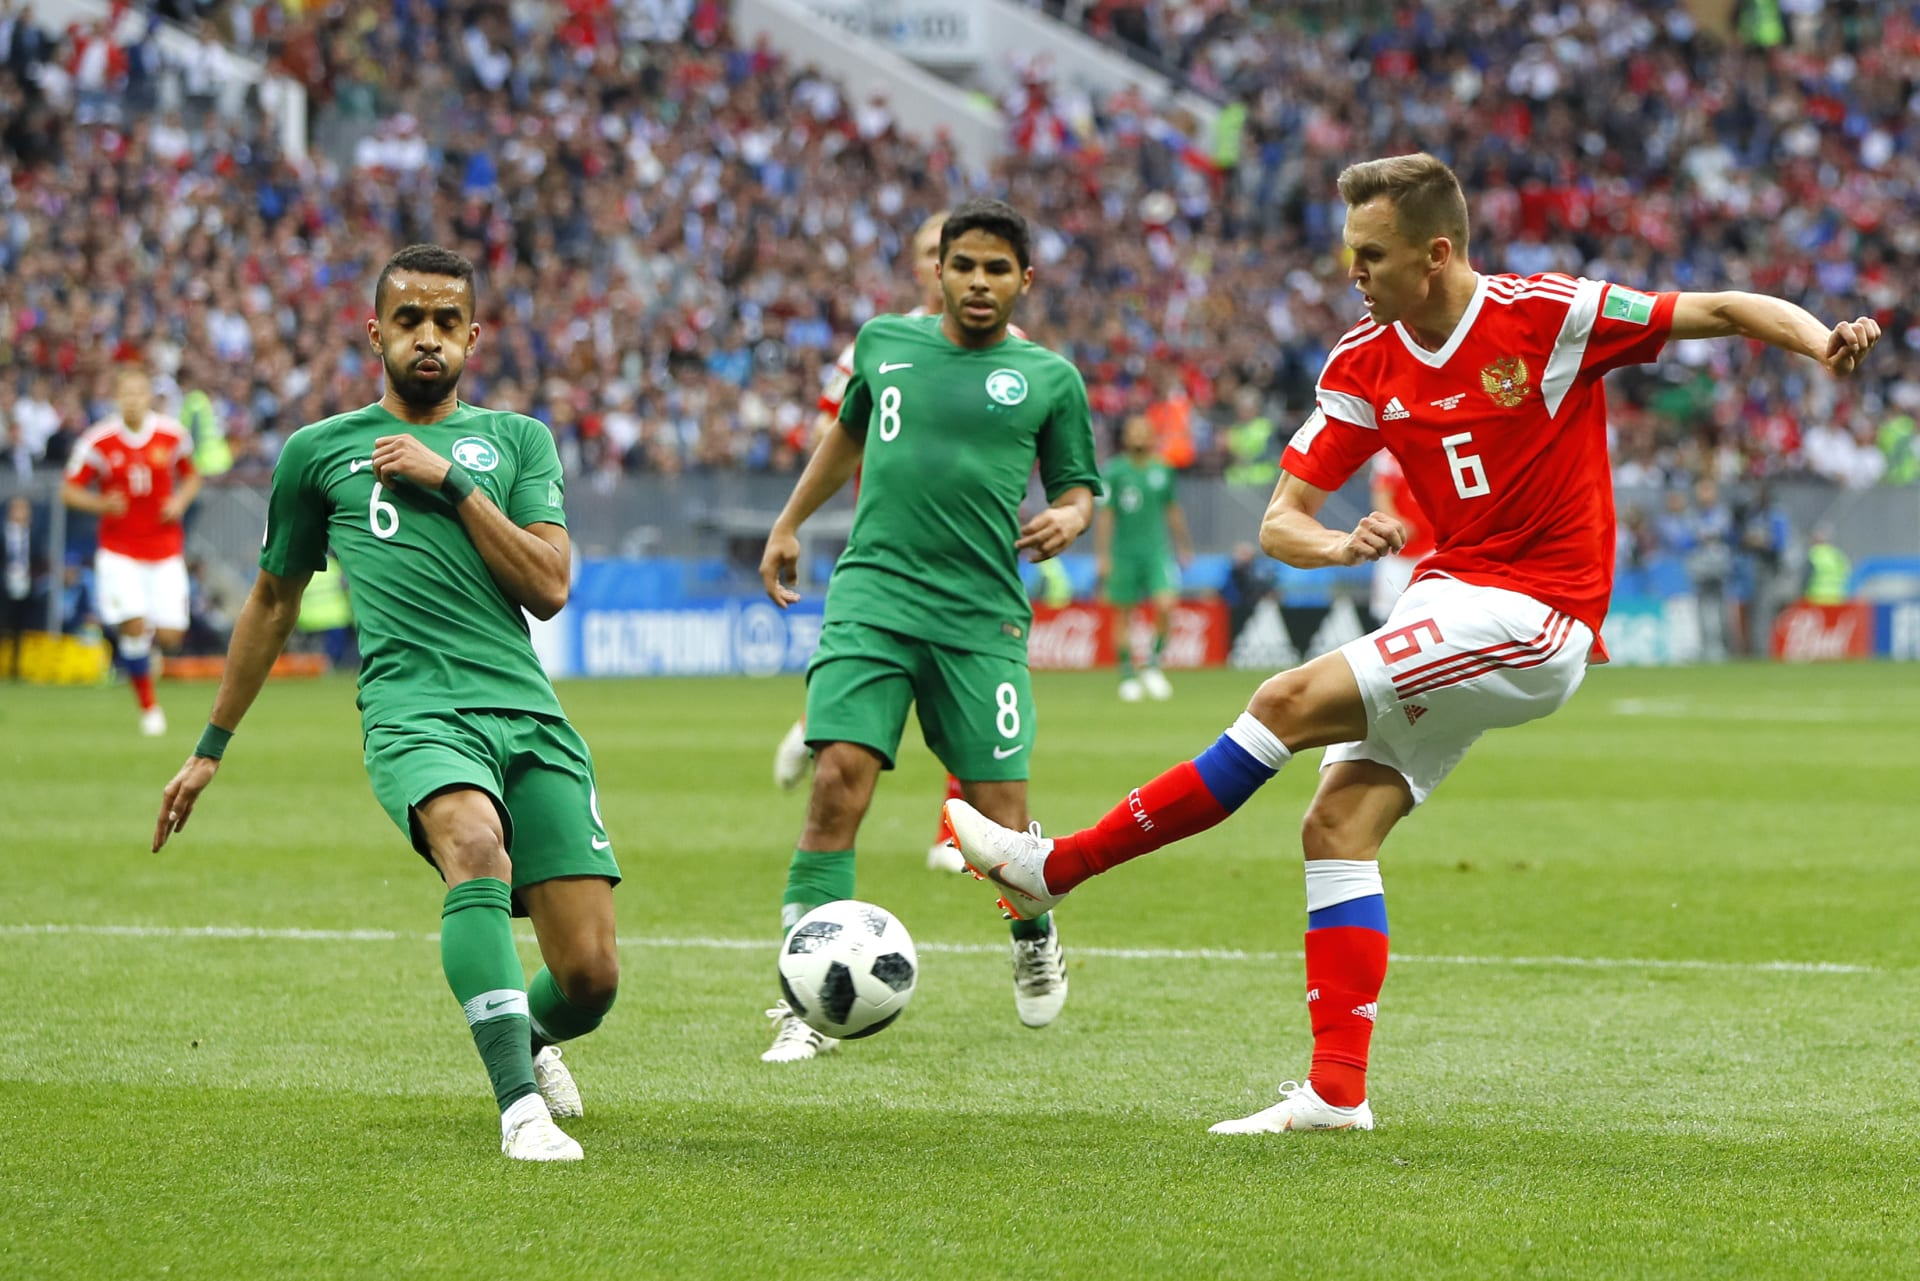 نتيجة صادمة.. السعودية تخسر أمام روسيا بافتتاح كأس العالم 2018